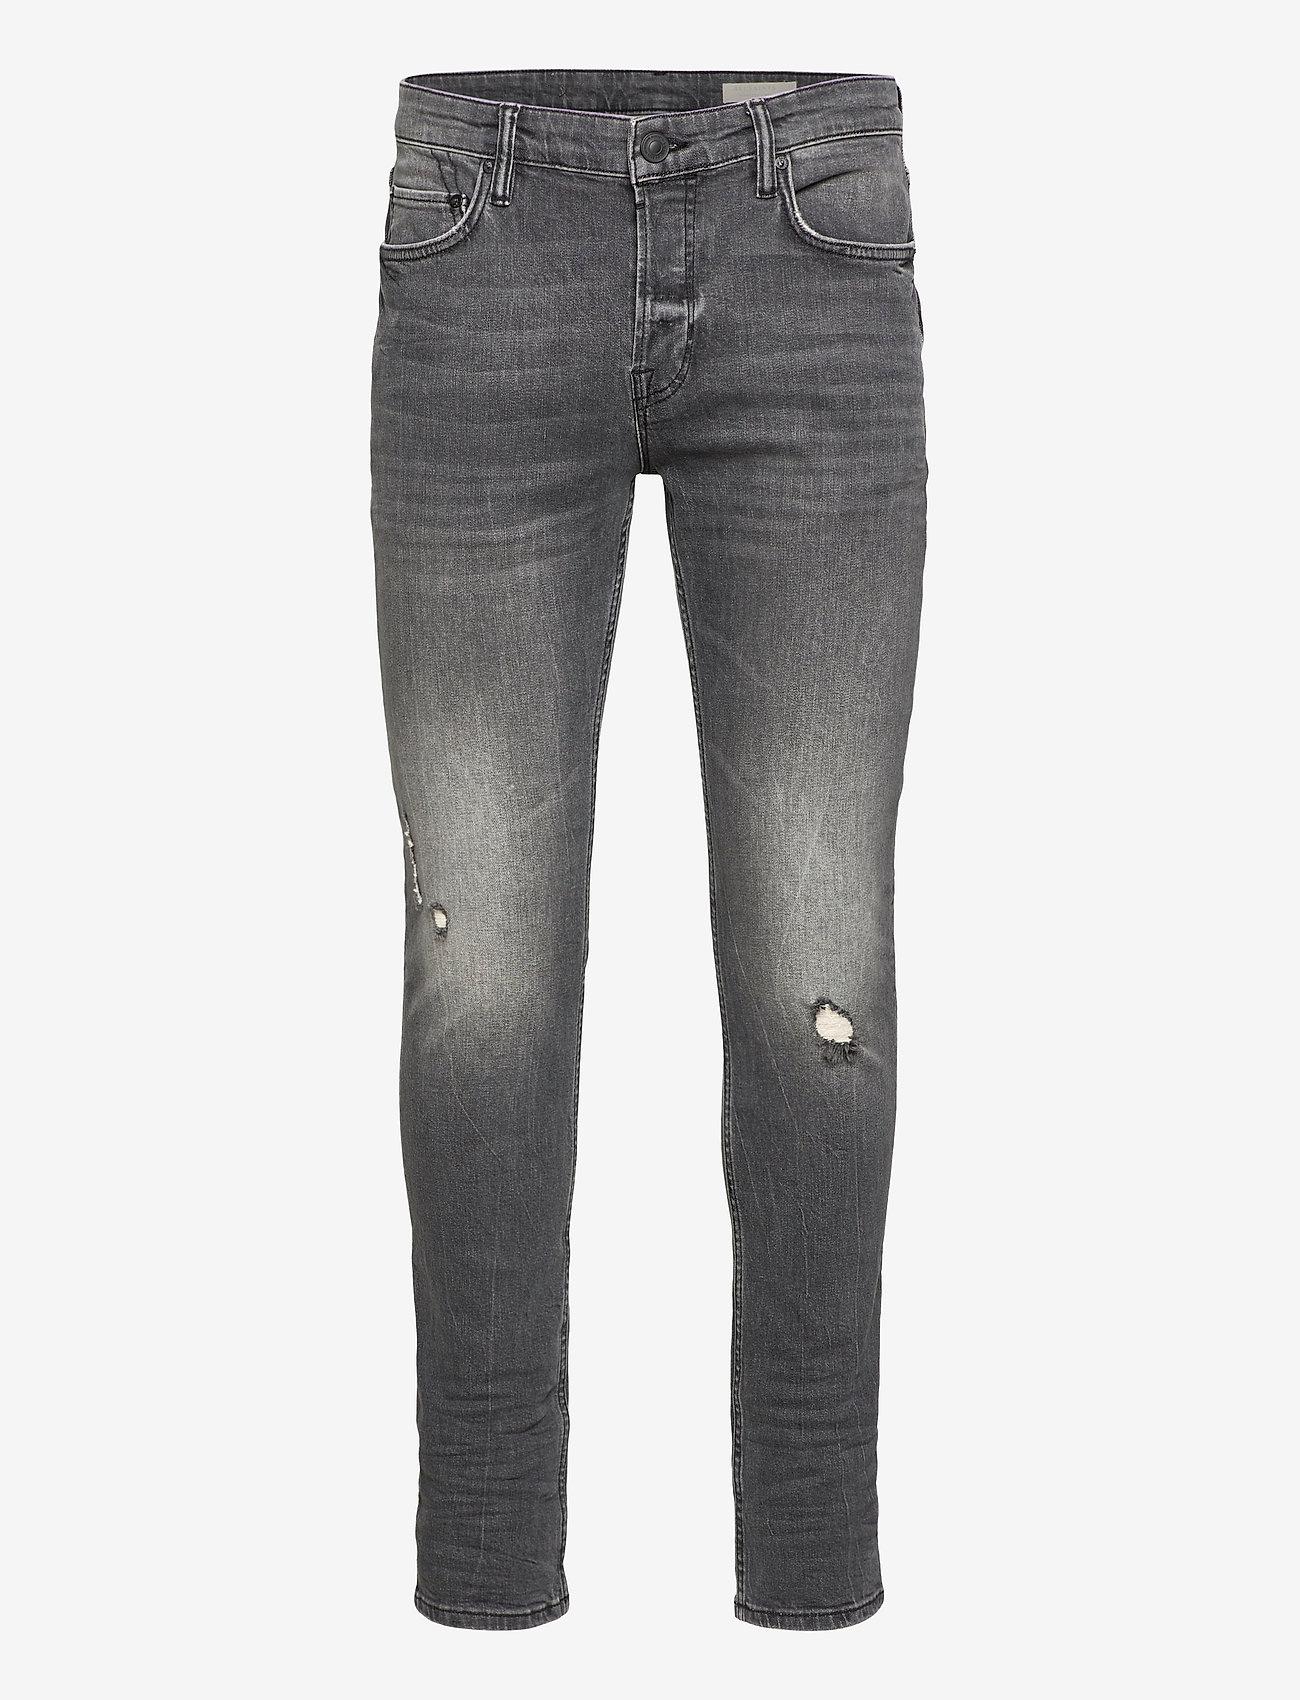 AllSaints - CIGARETTE DAMAGED - slim jeans - faded black - 0